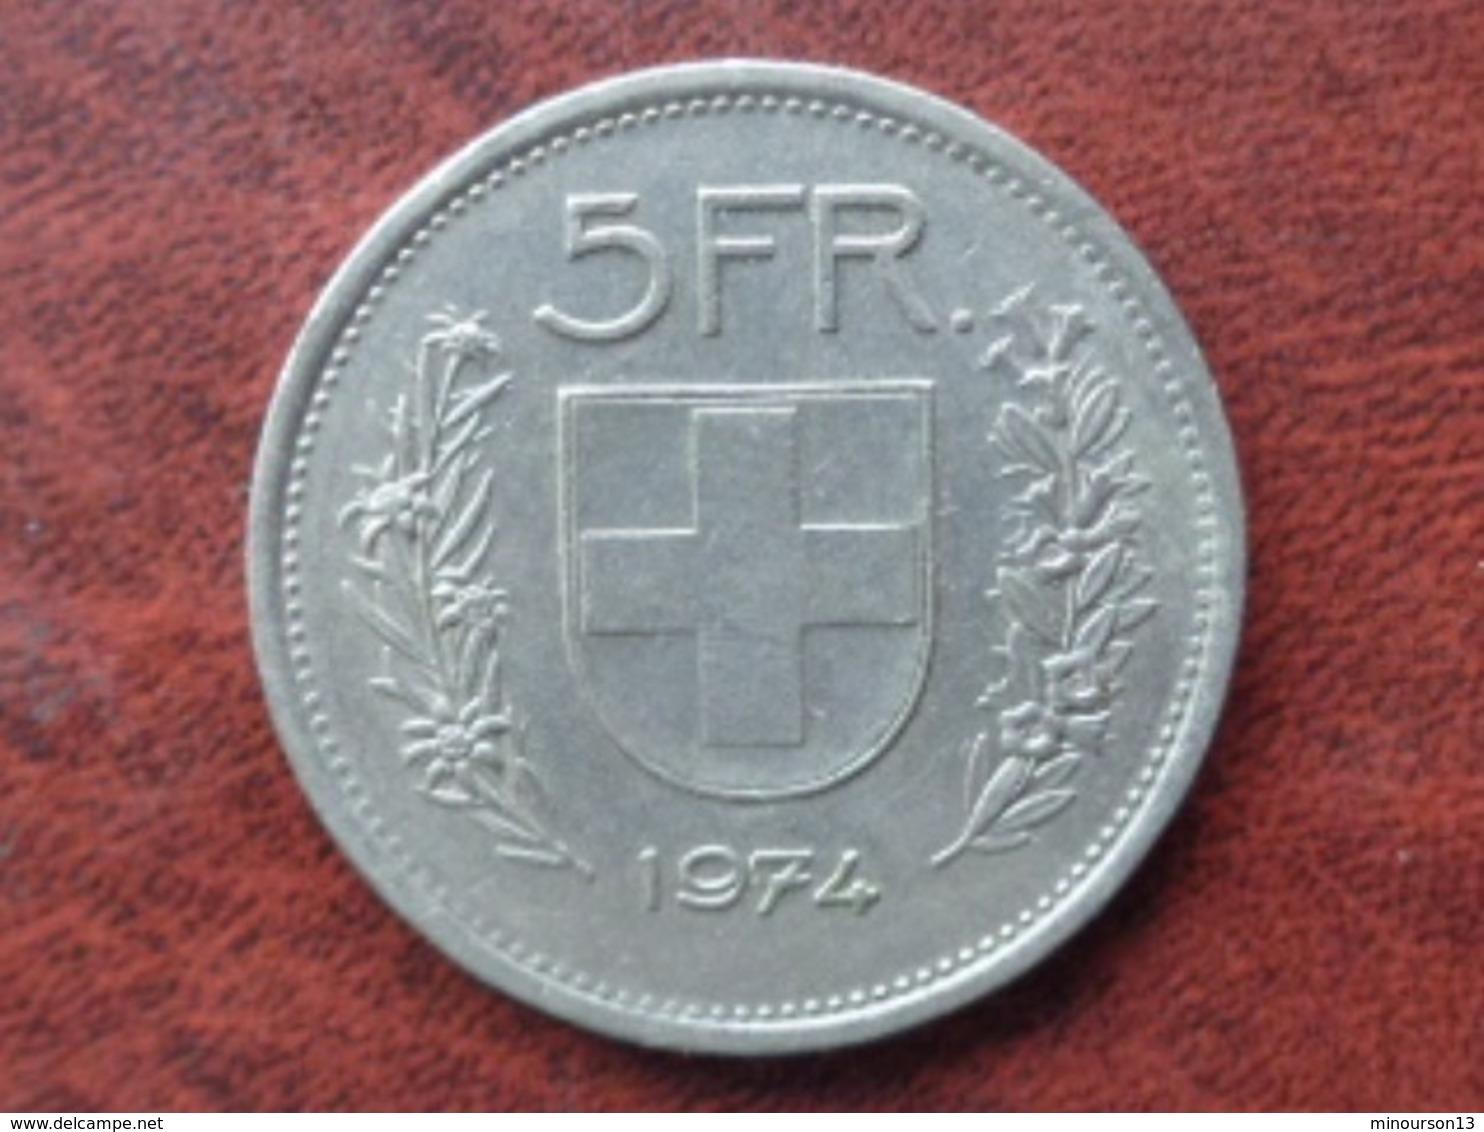 SUISSE 5 FRANCS 1974 - Suisse